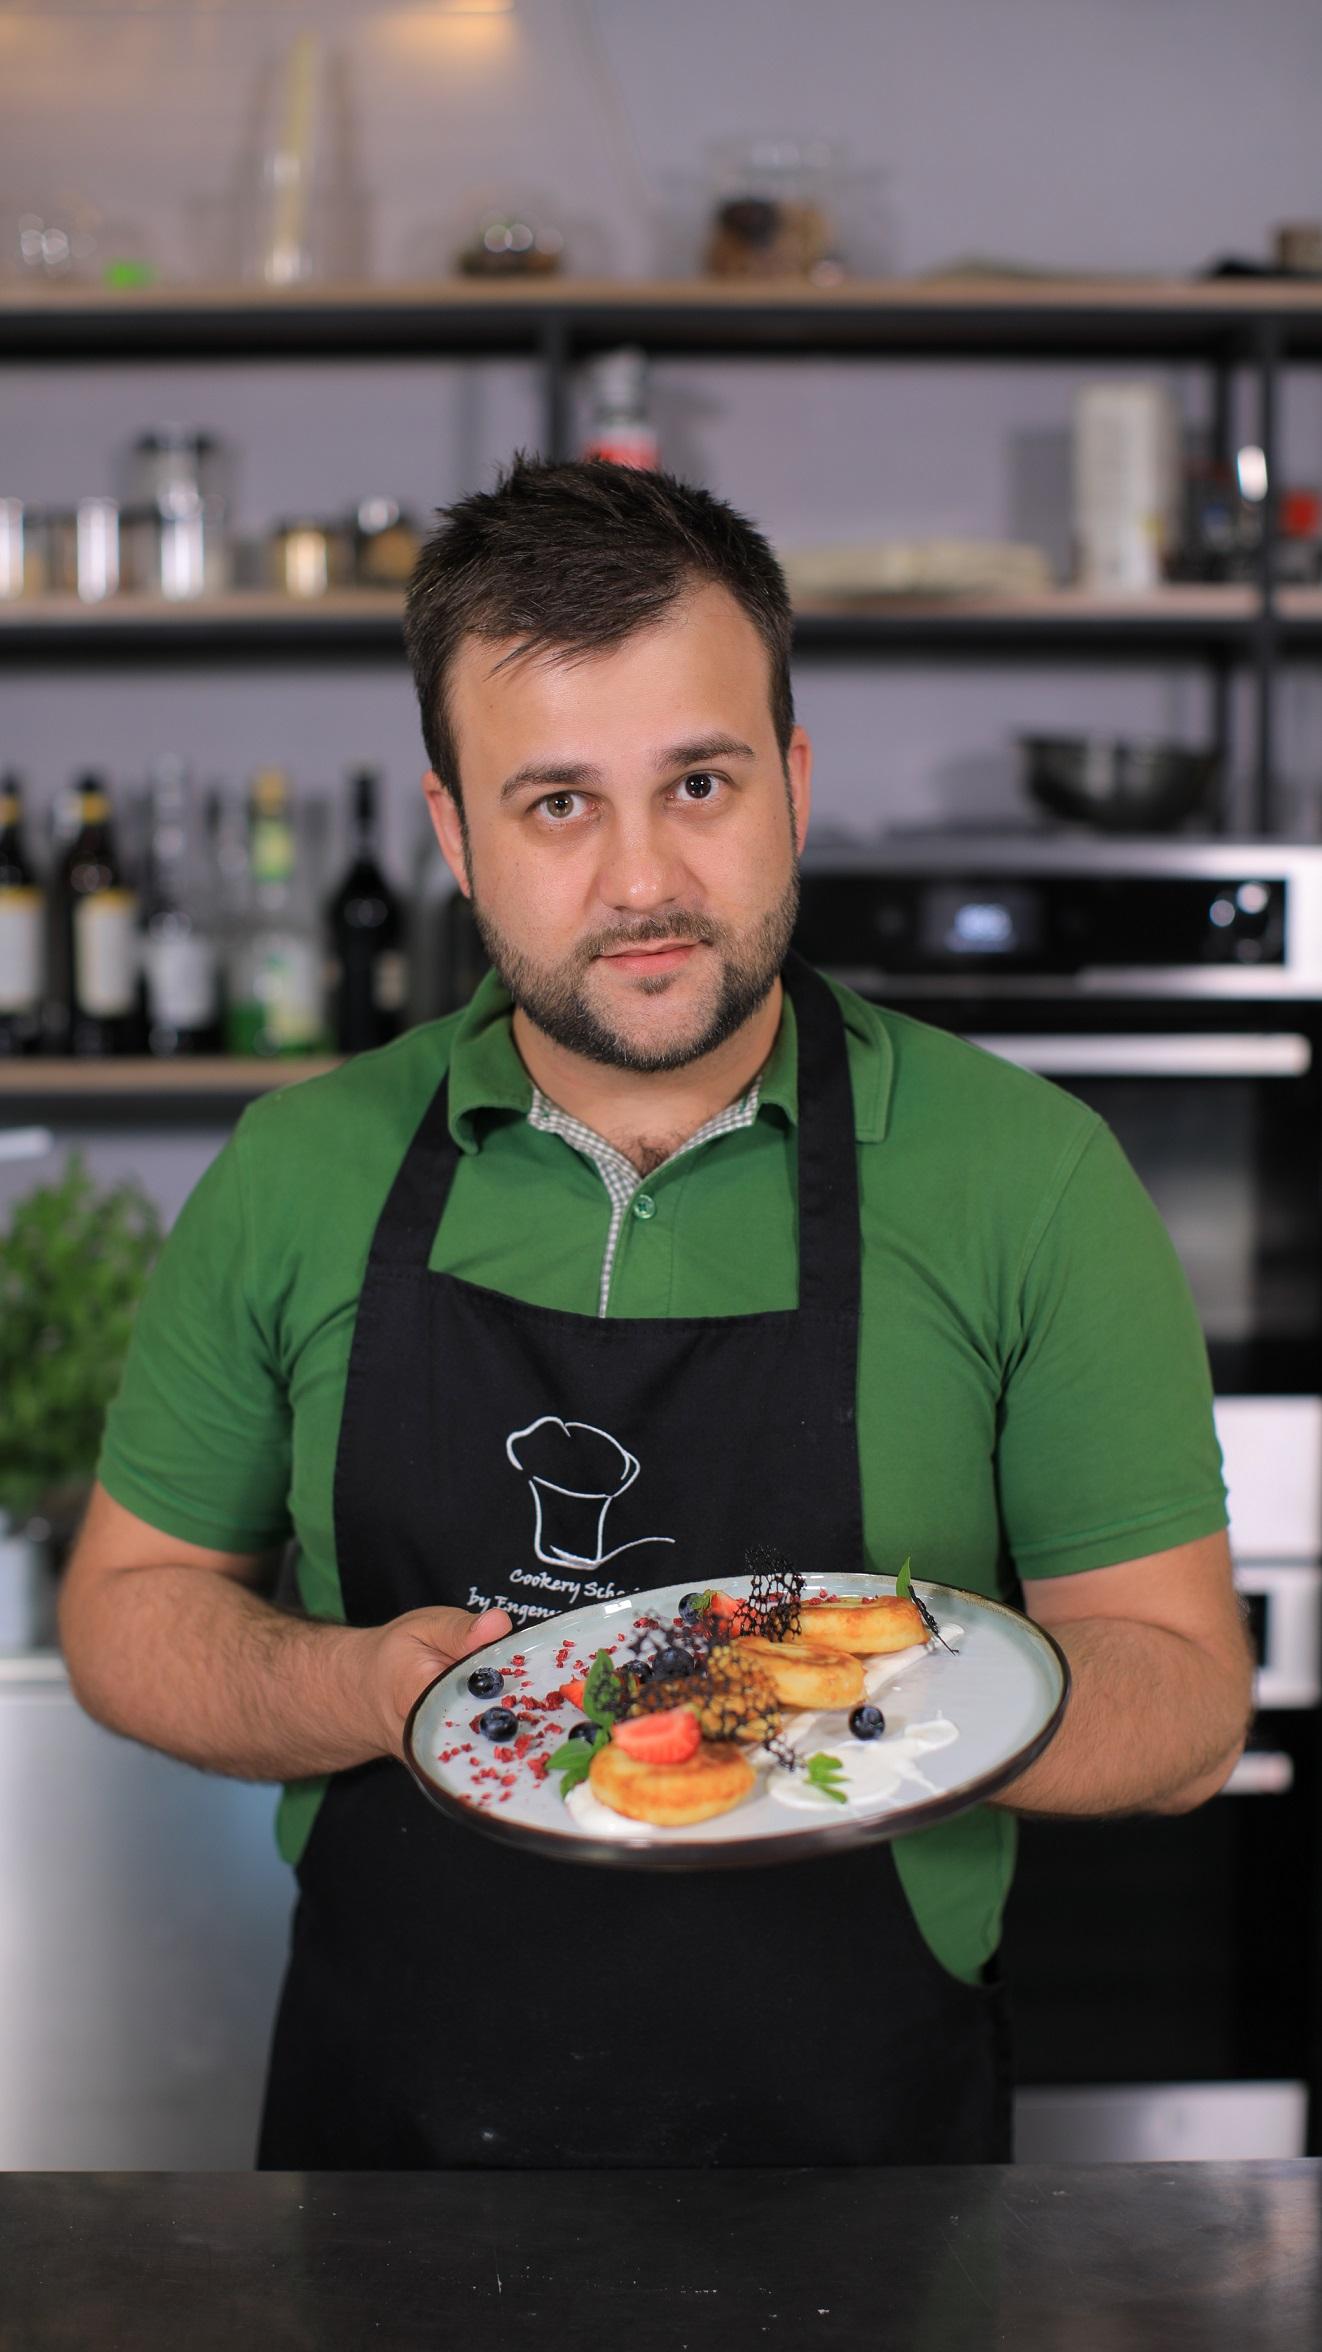 Поїсти за 100: Олексій Душка навчить українців, як приготувати бюджетний обід